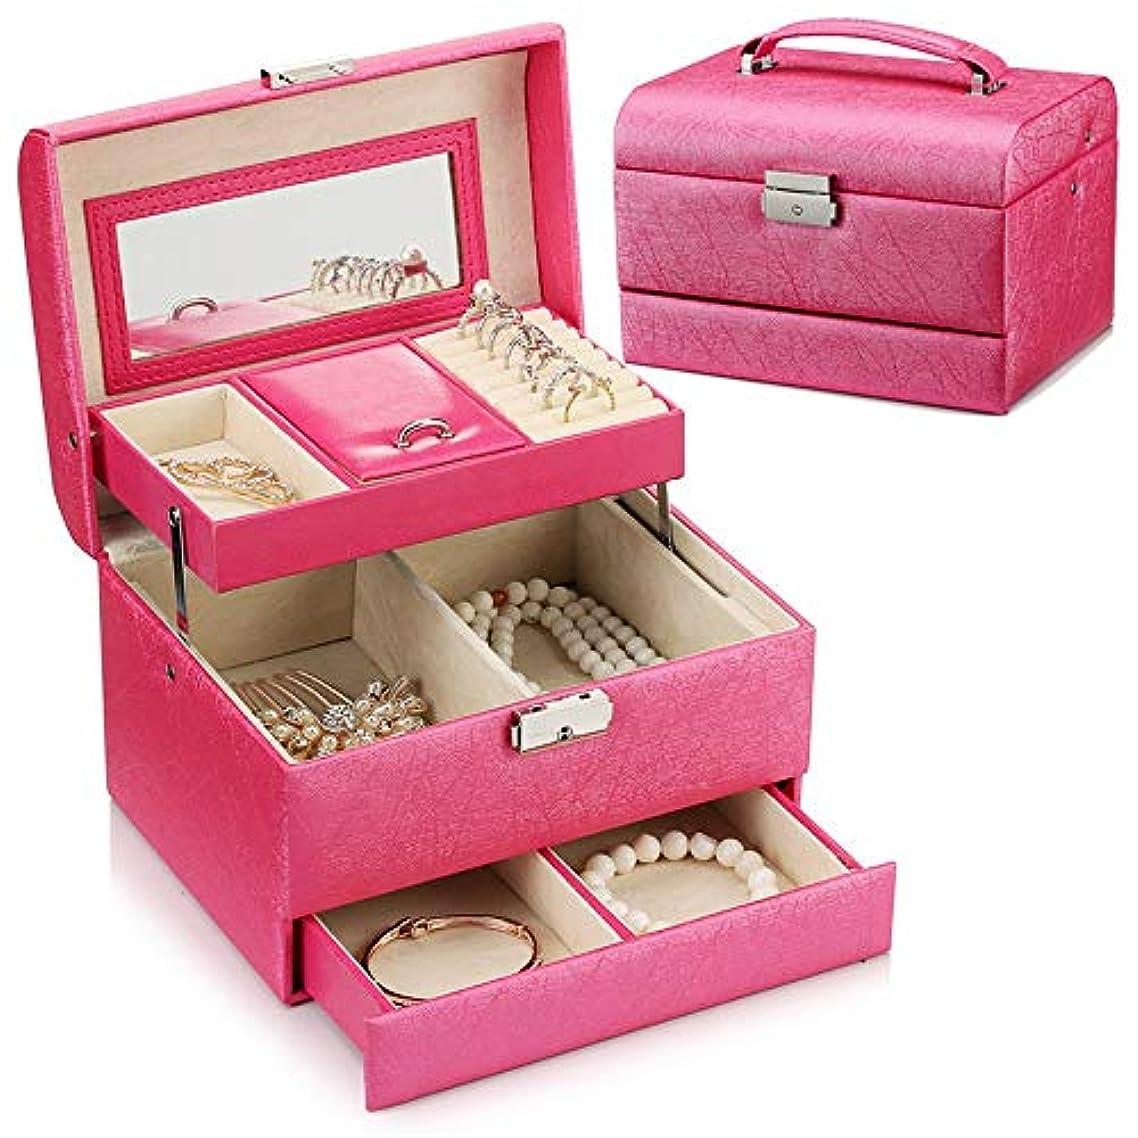 紀元前仕様農夫特大スペース収納ビューティーボックス 女の子の女性旅行のための新しく、実用的な携帯用化粧箱およびロックおよび皿が付いている毎日の貯蔵 化粧品化粧台 (色 : ローズレッド)